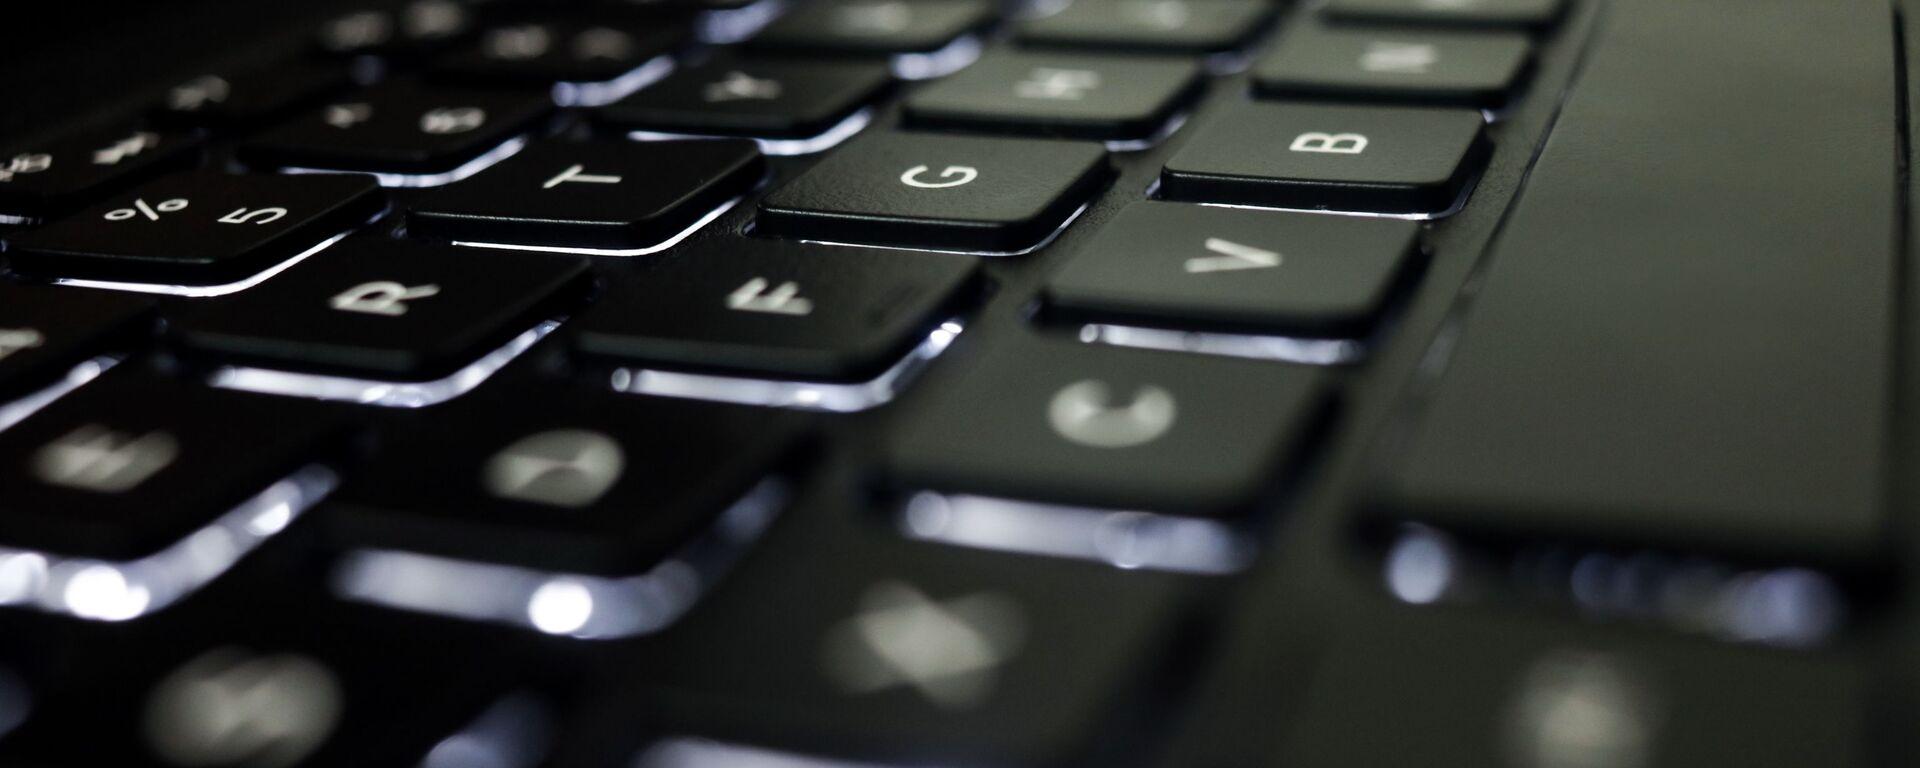 Un teclado, imagen referencial - Sputnik Mundo, 1920, 16.07.2021